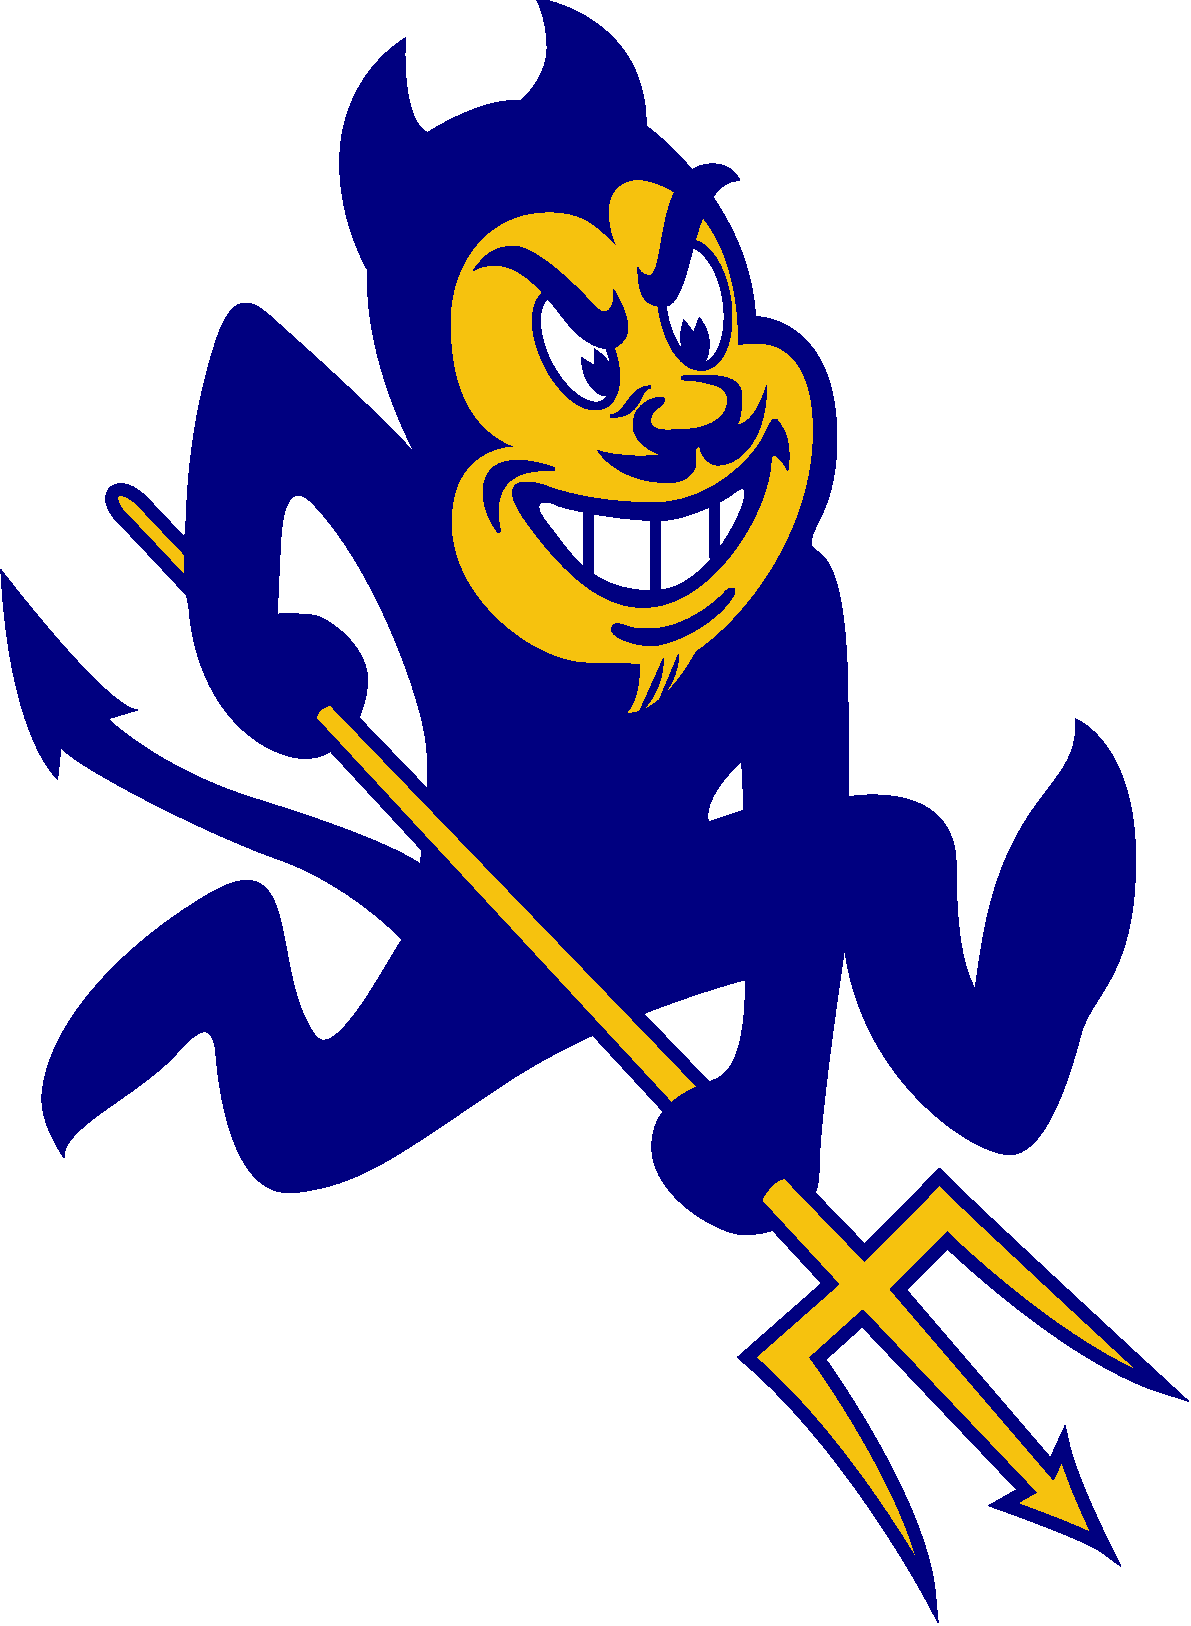 Duke logo clipart